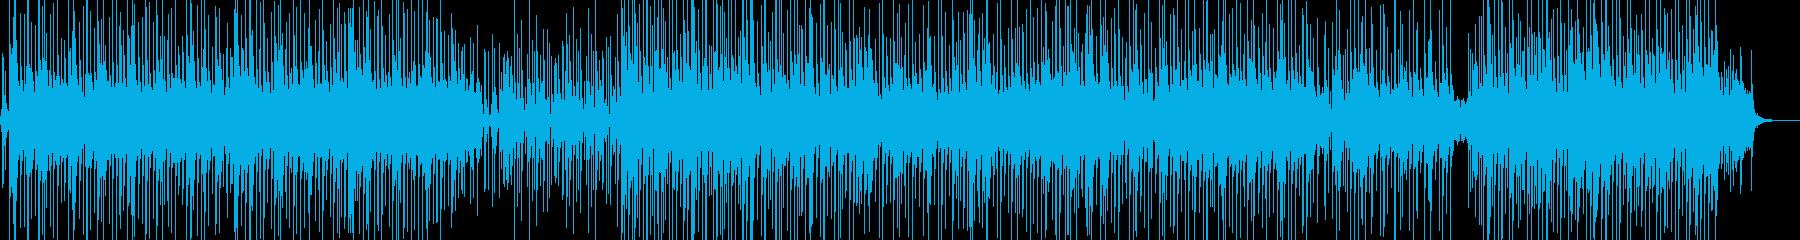 晴れやか・バカンスイメージのレゲェ ★の再生済みの波形